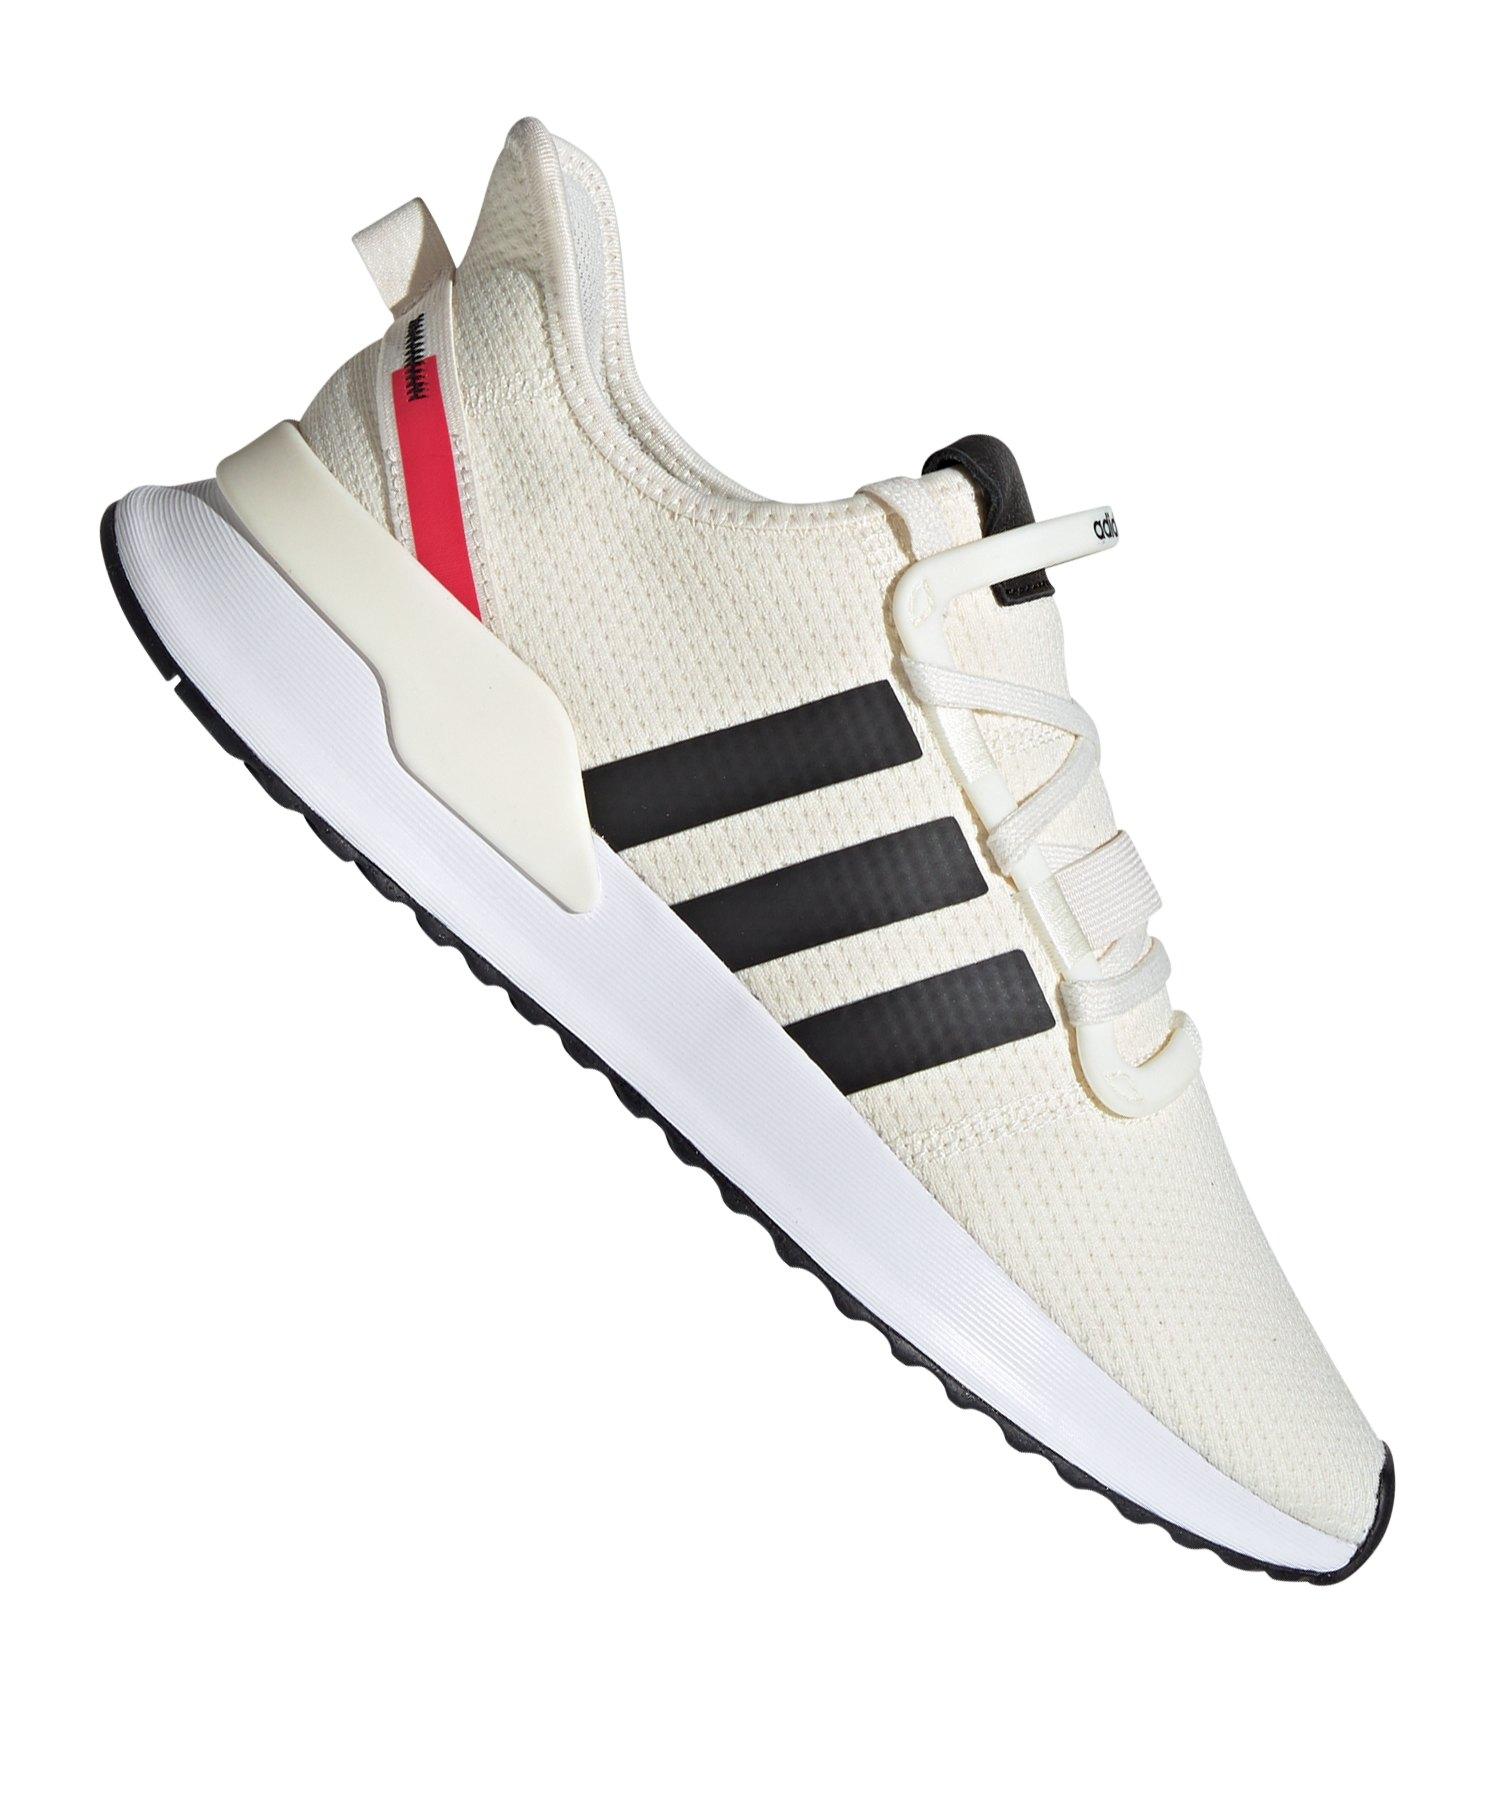 rote Adidas ortholite TurnschuheSportschuheSnaeker